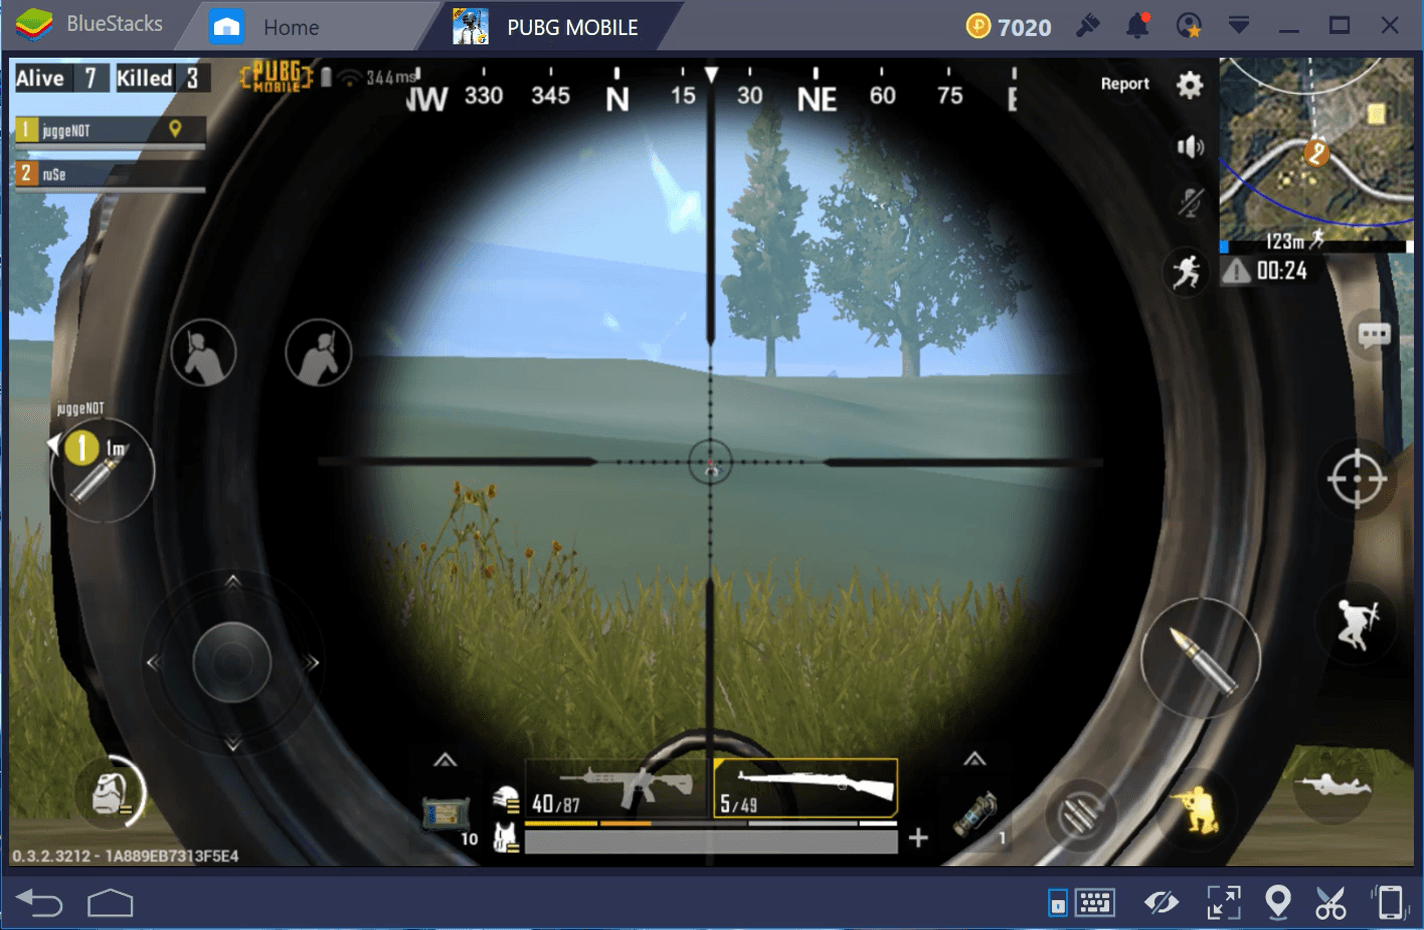 PUBG Mobile Sniper Guide